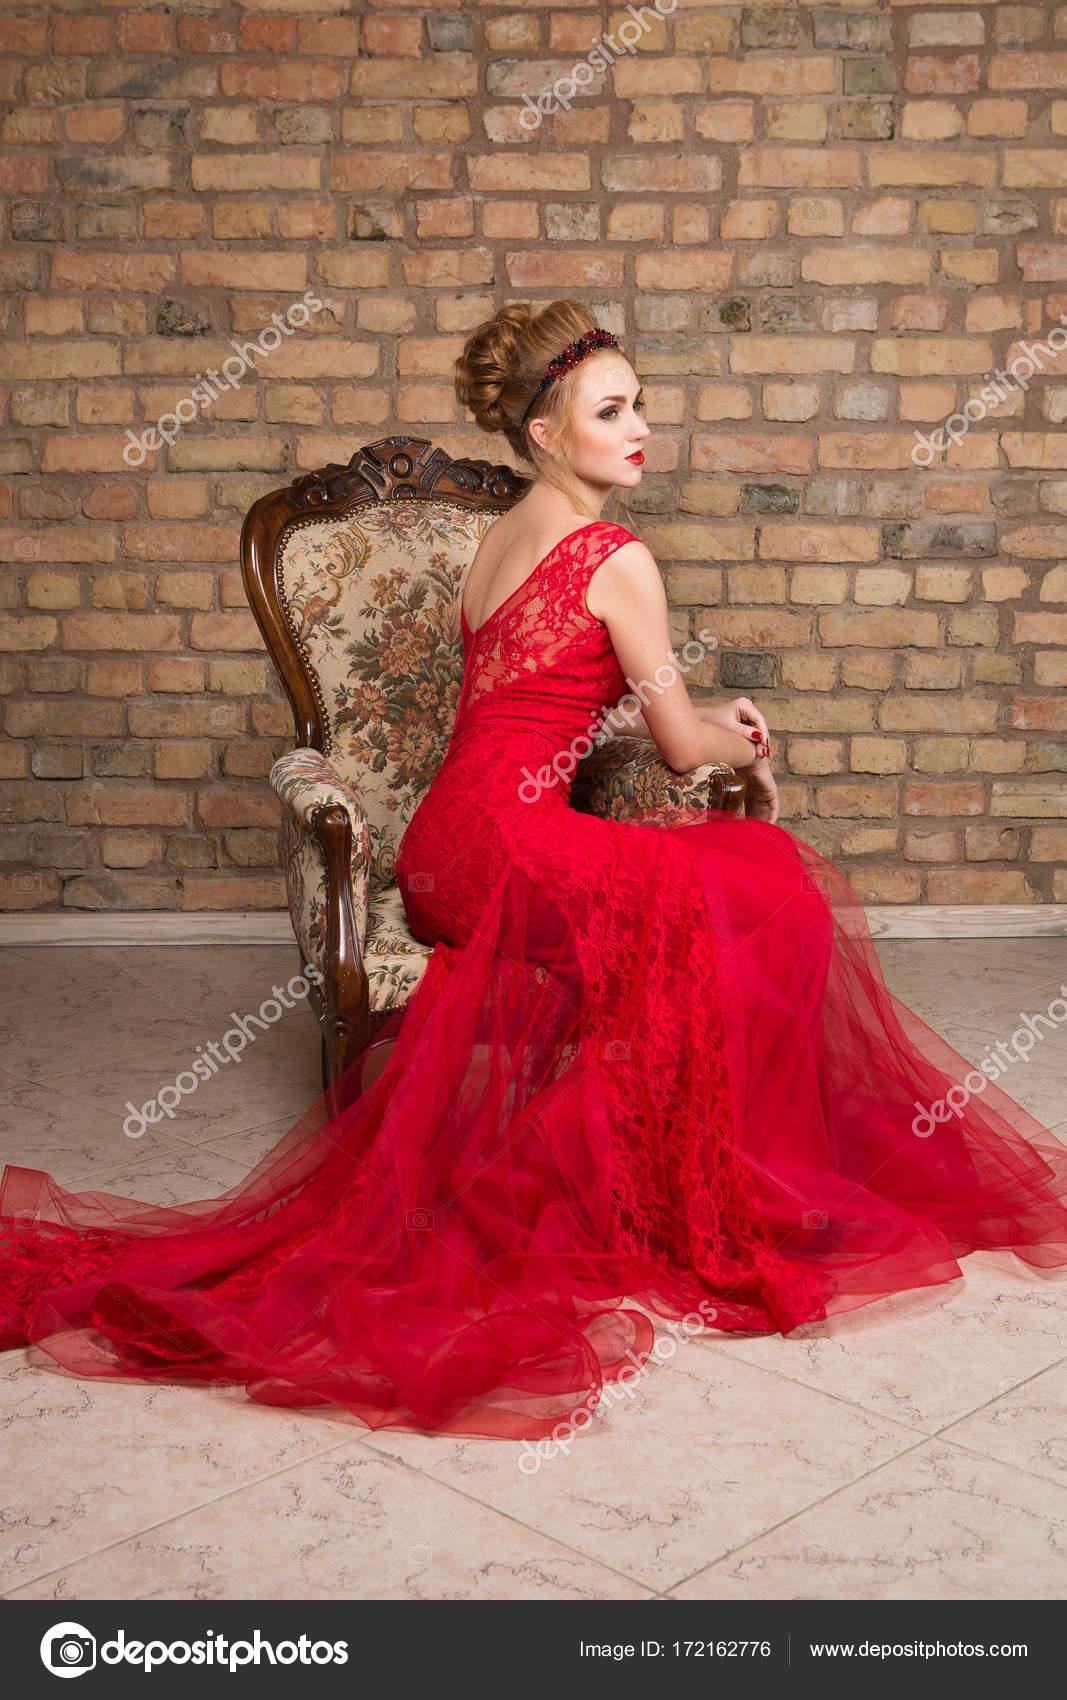 Rode Trouwjurk.Mooi Meisje In Trouwjurk Stockfoto C Svetography 172162776